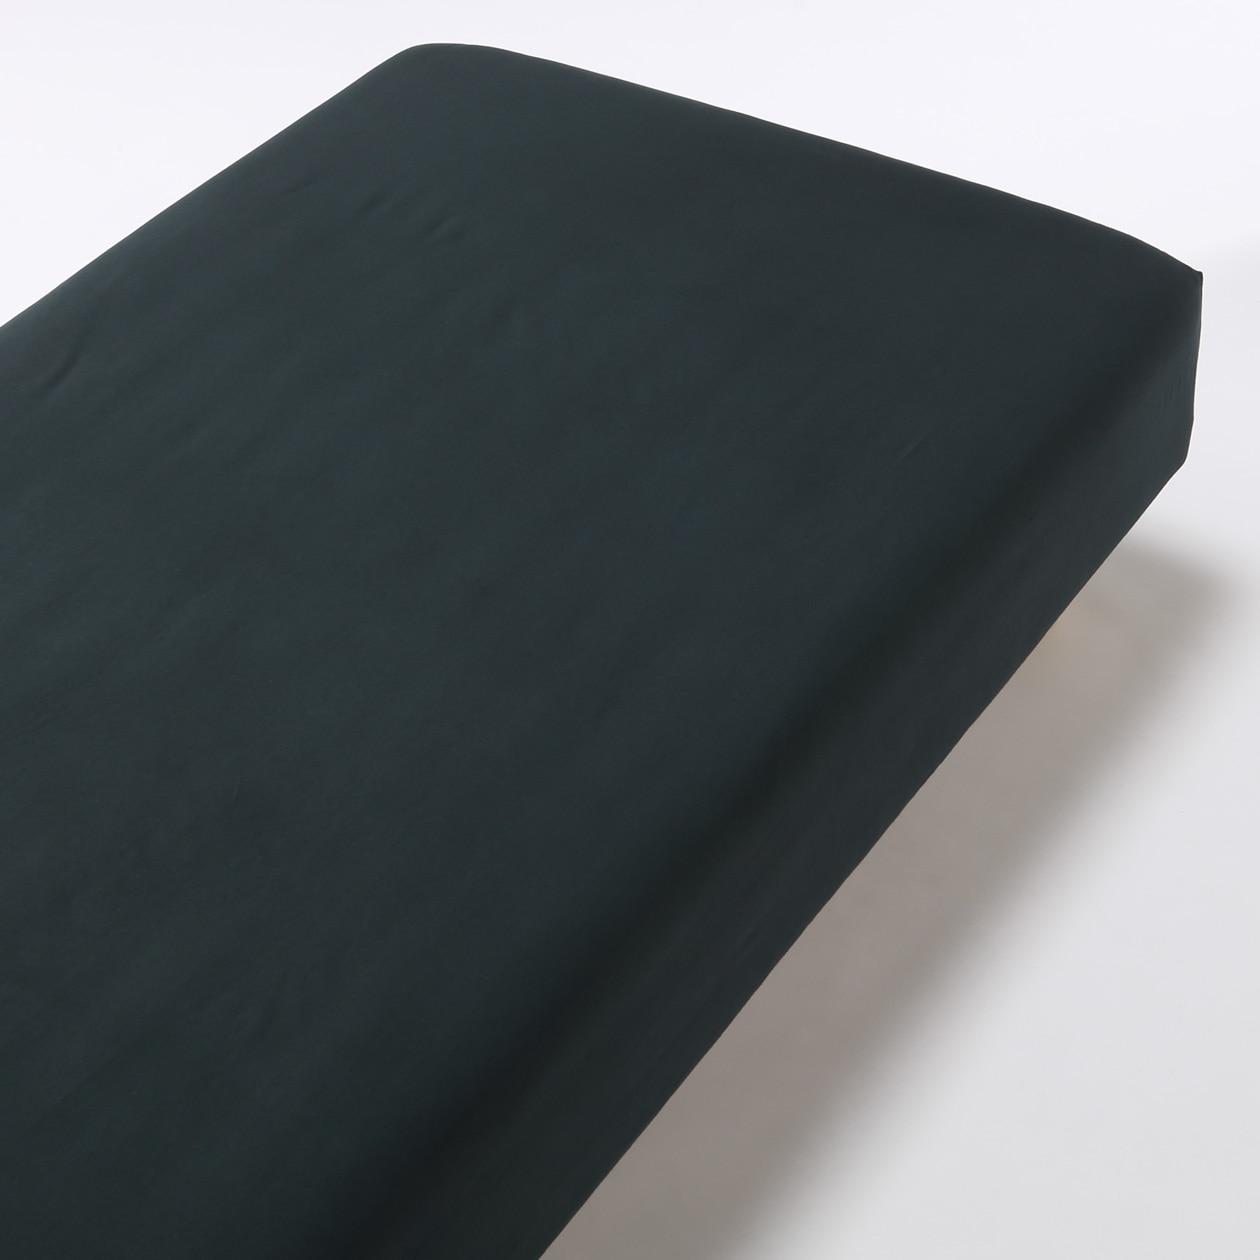 ファブリックプラス オーガニックコットン ボックスシーツ シングルサイズ 100×200×30cm 3色対応